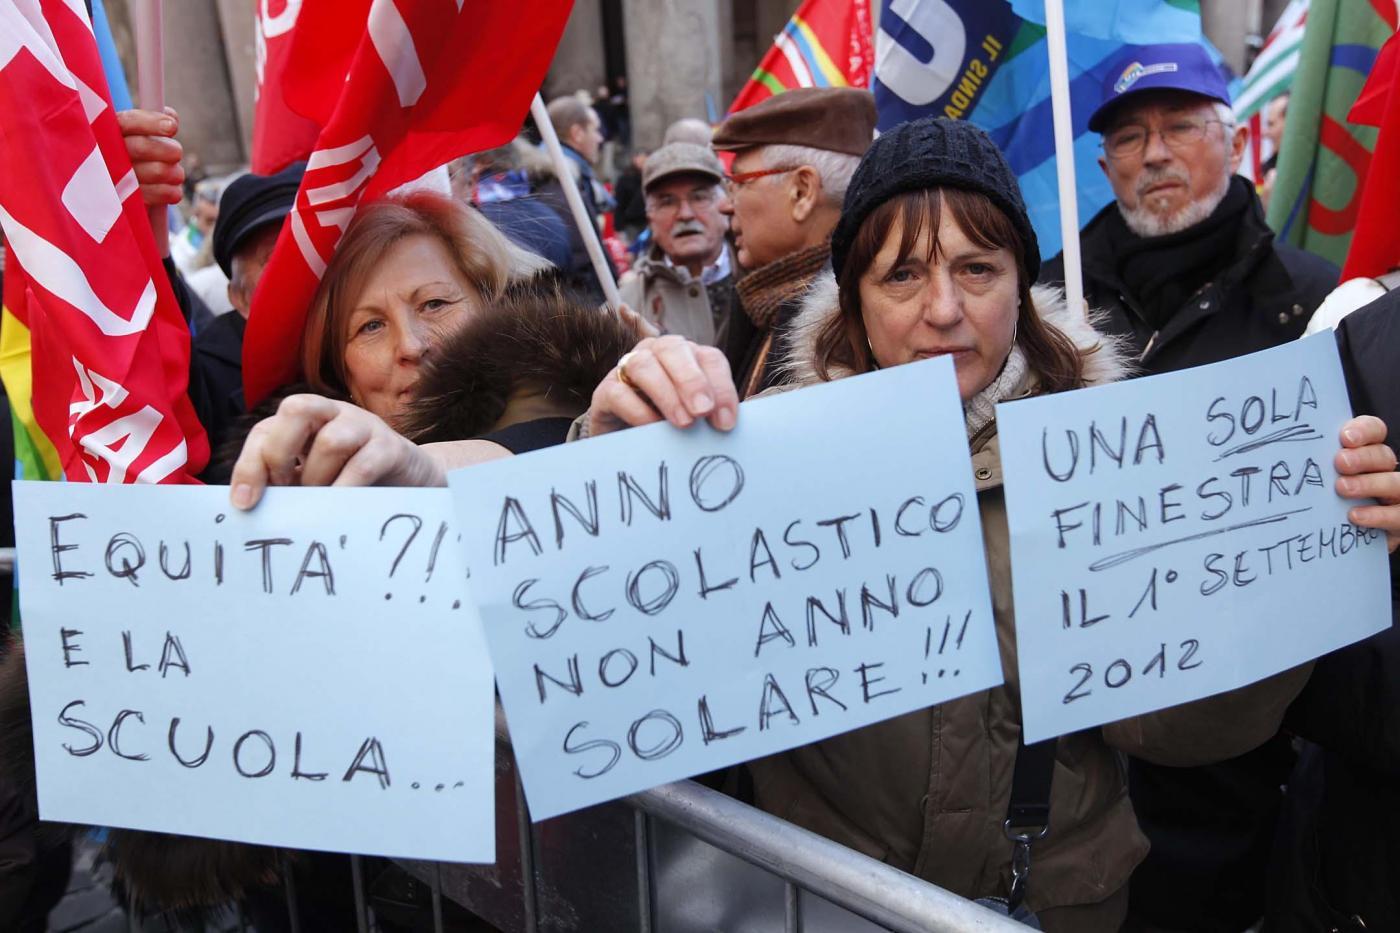 Del pantheon iniziativa cgil cisl uil su pensioni - Finestra mobile pensione ...